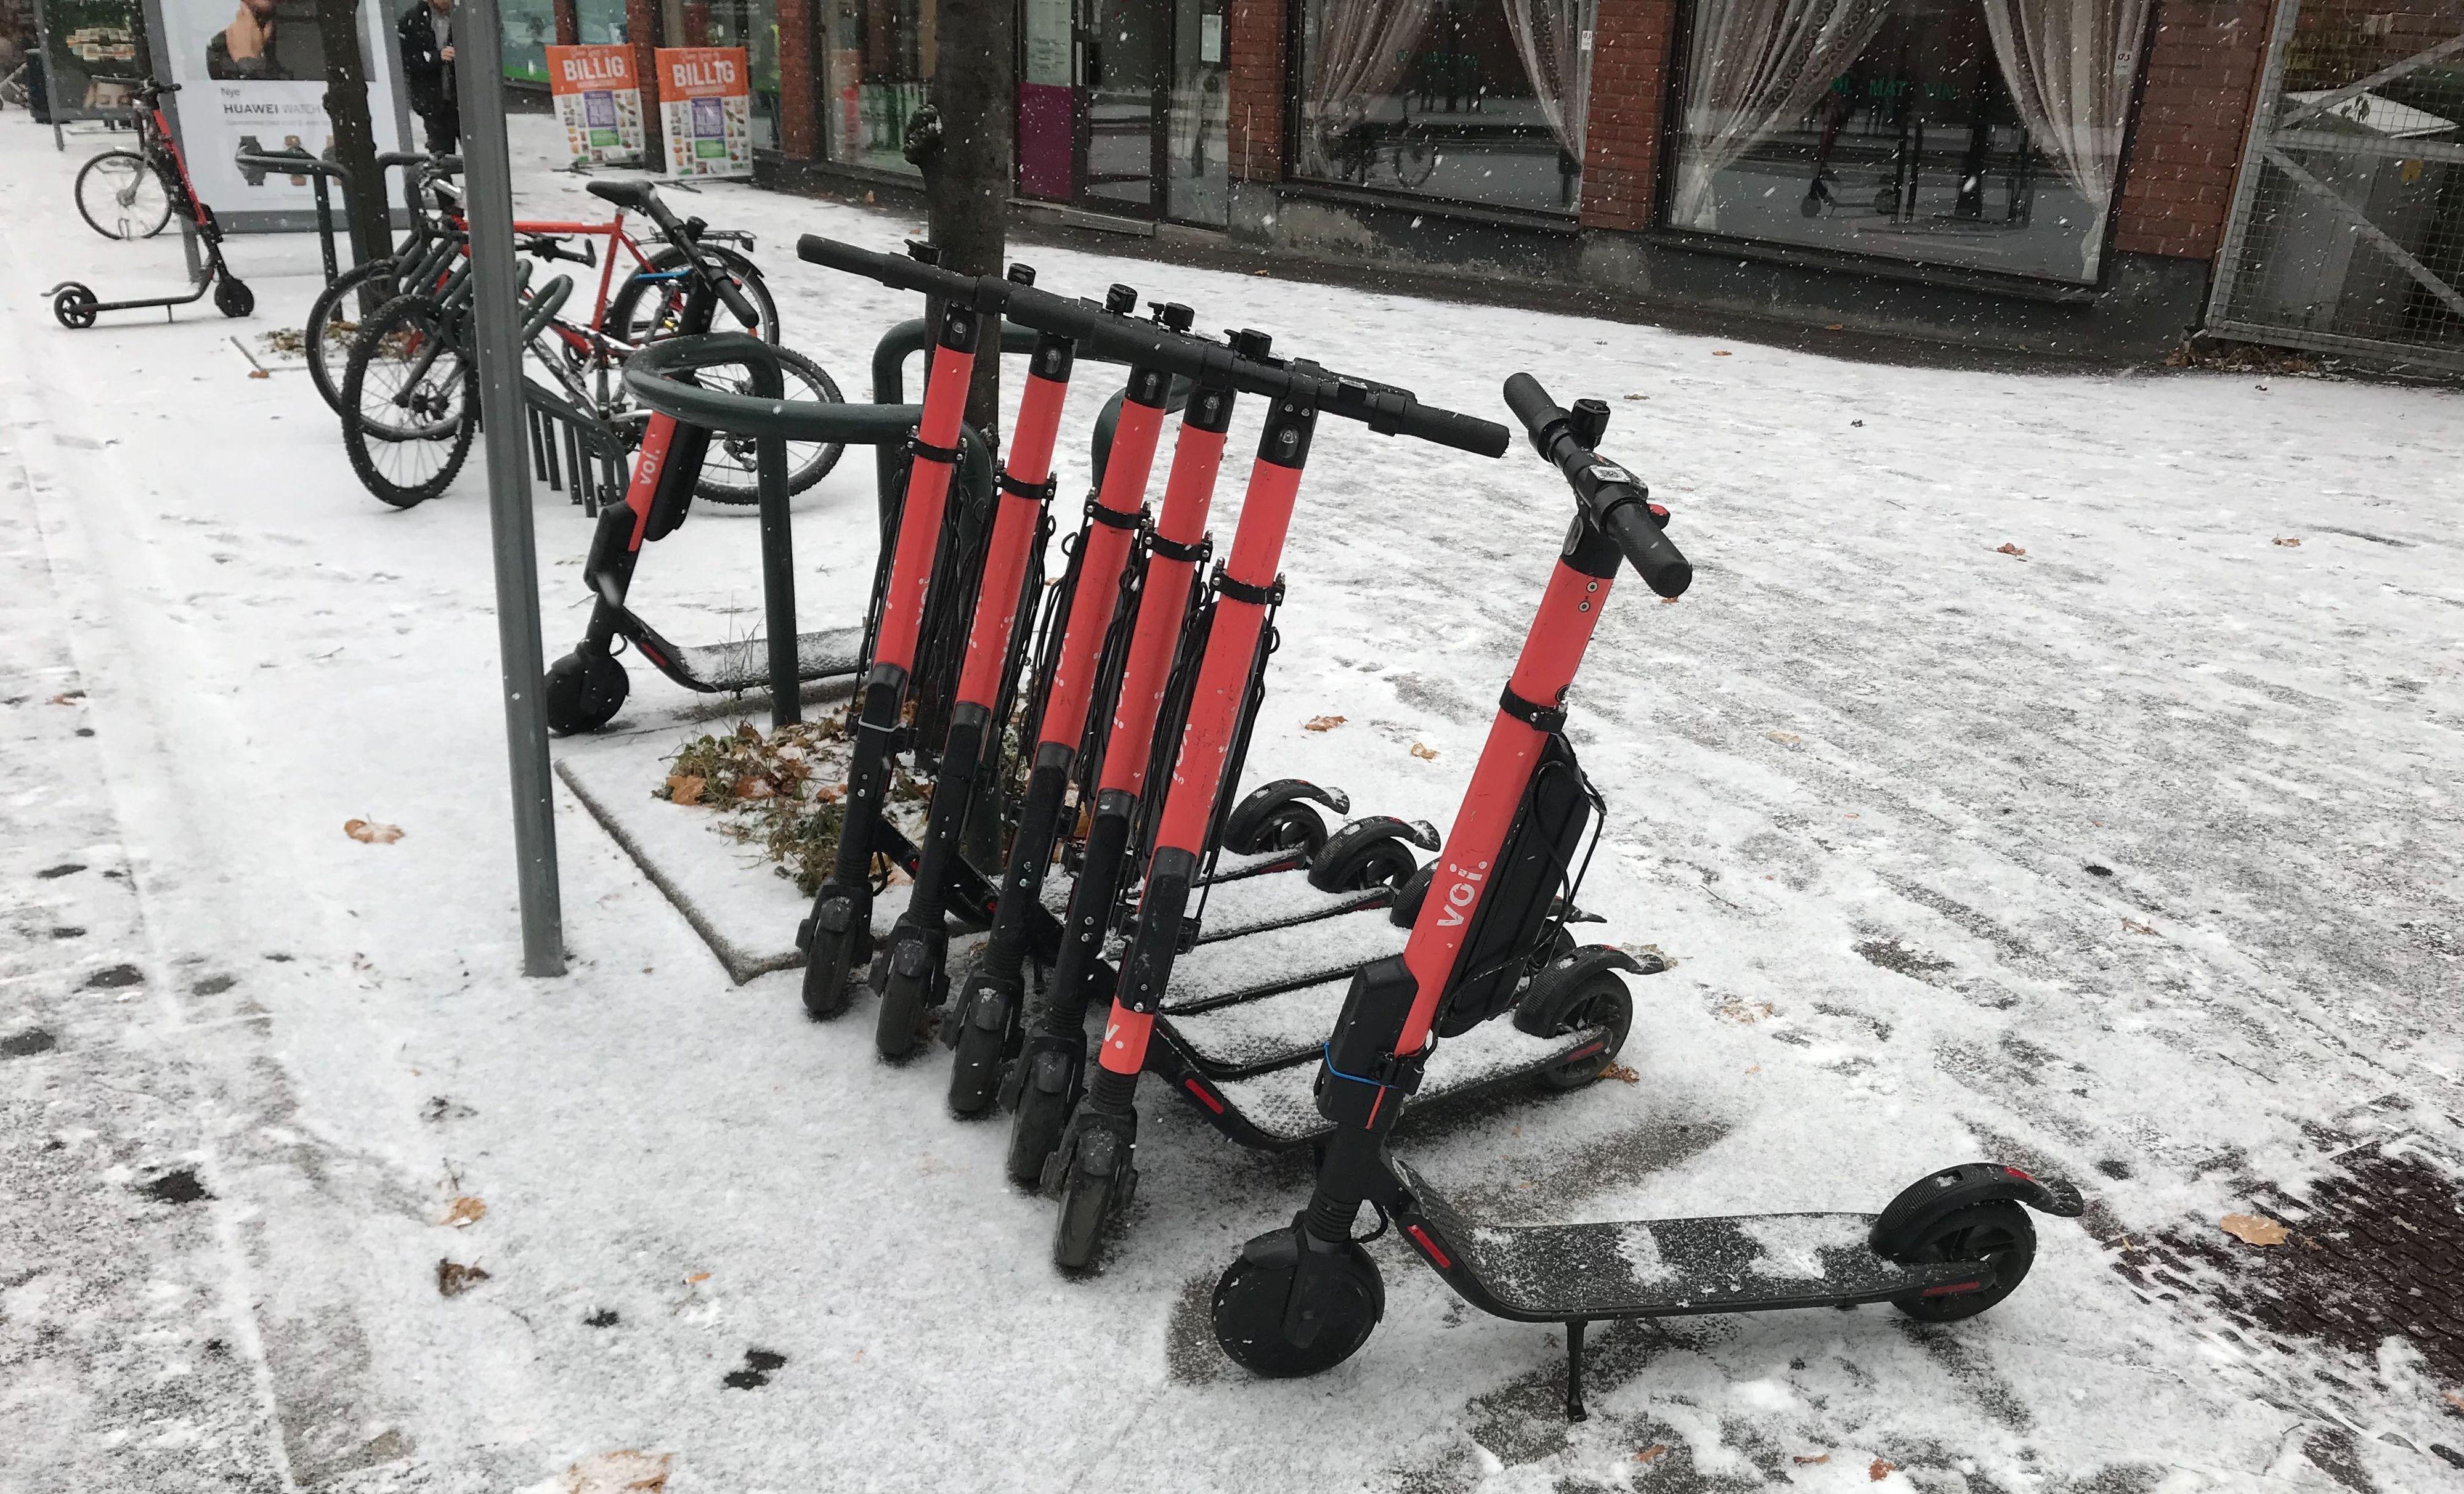 SNØ: Selv om snøværet har kommet til Oslo, er det fortsatt mulig å aktivere og kjøre rundt på elsparkesyklene.